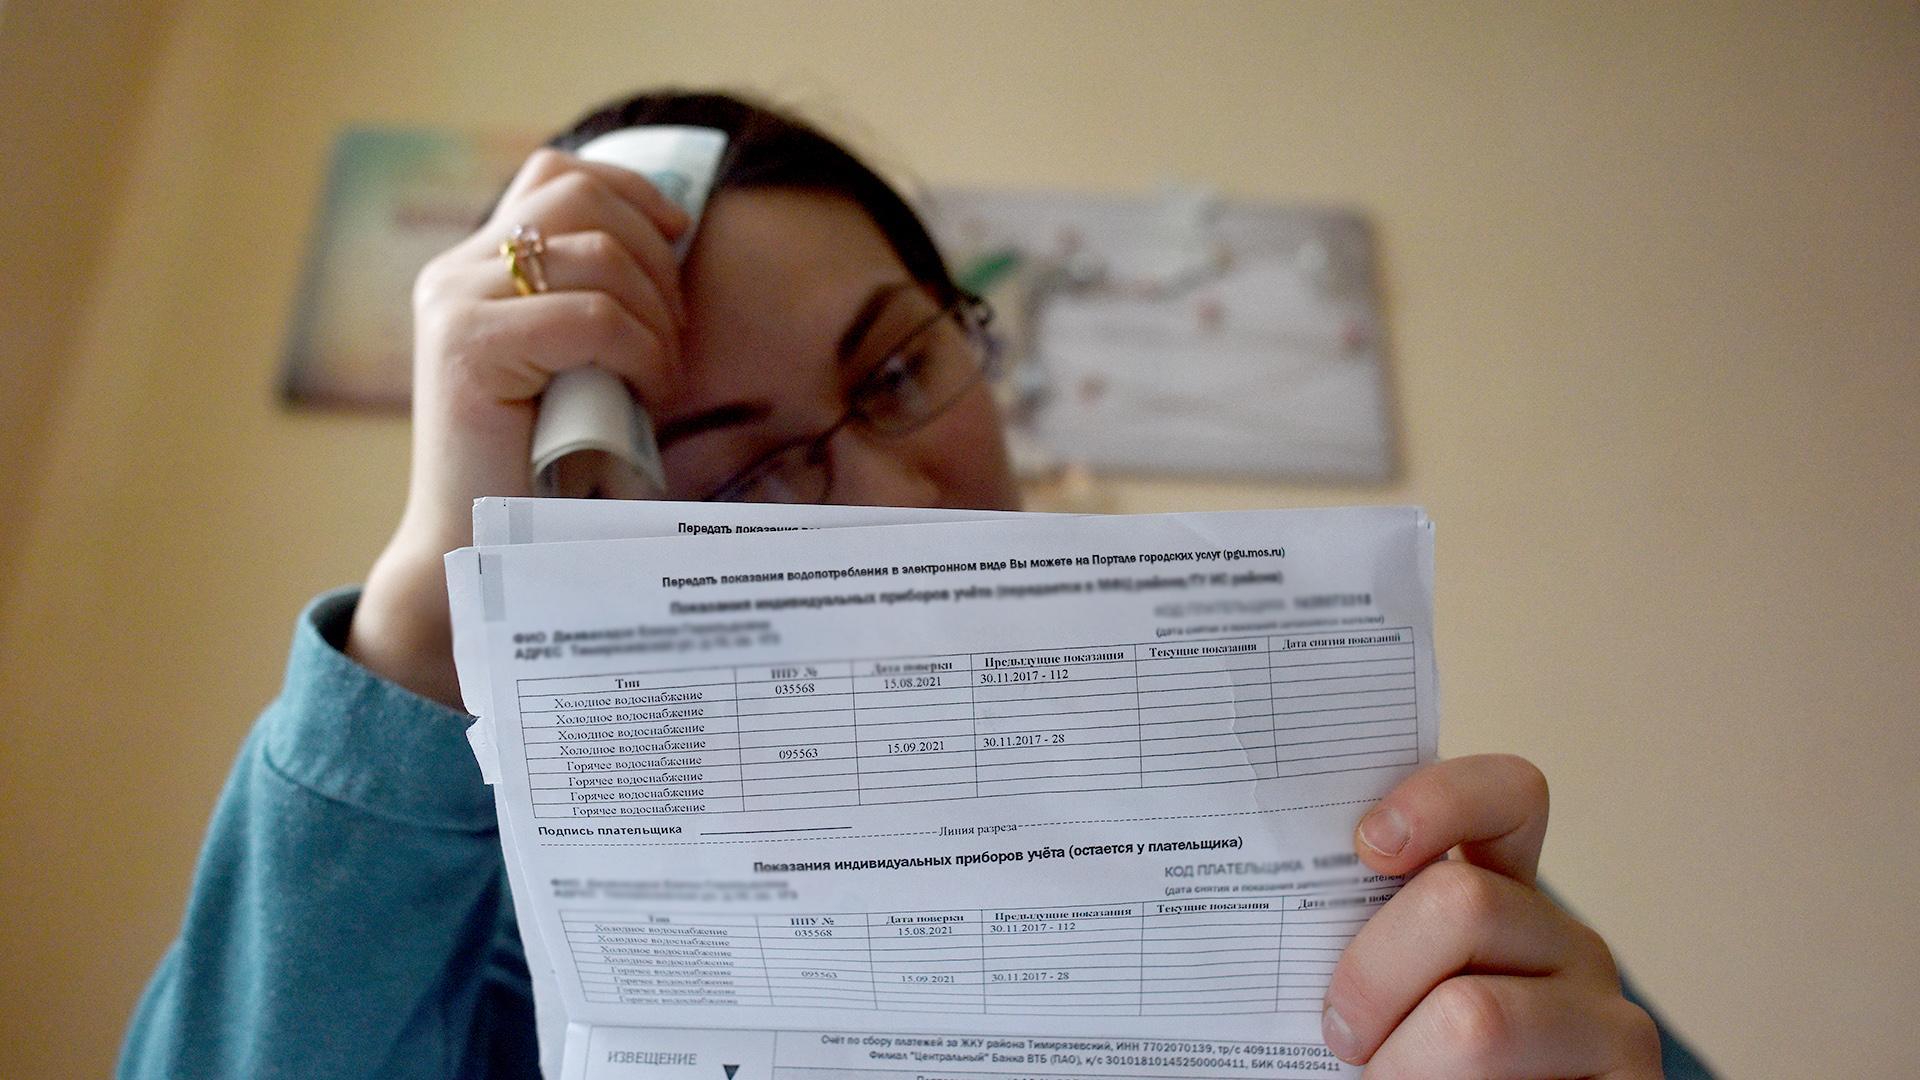 Соцзащита отчиталась по пенсионерам, которым до 100% увеличили субсидию по ЖКХ